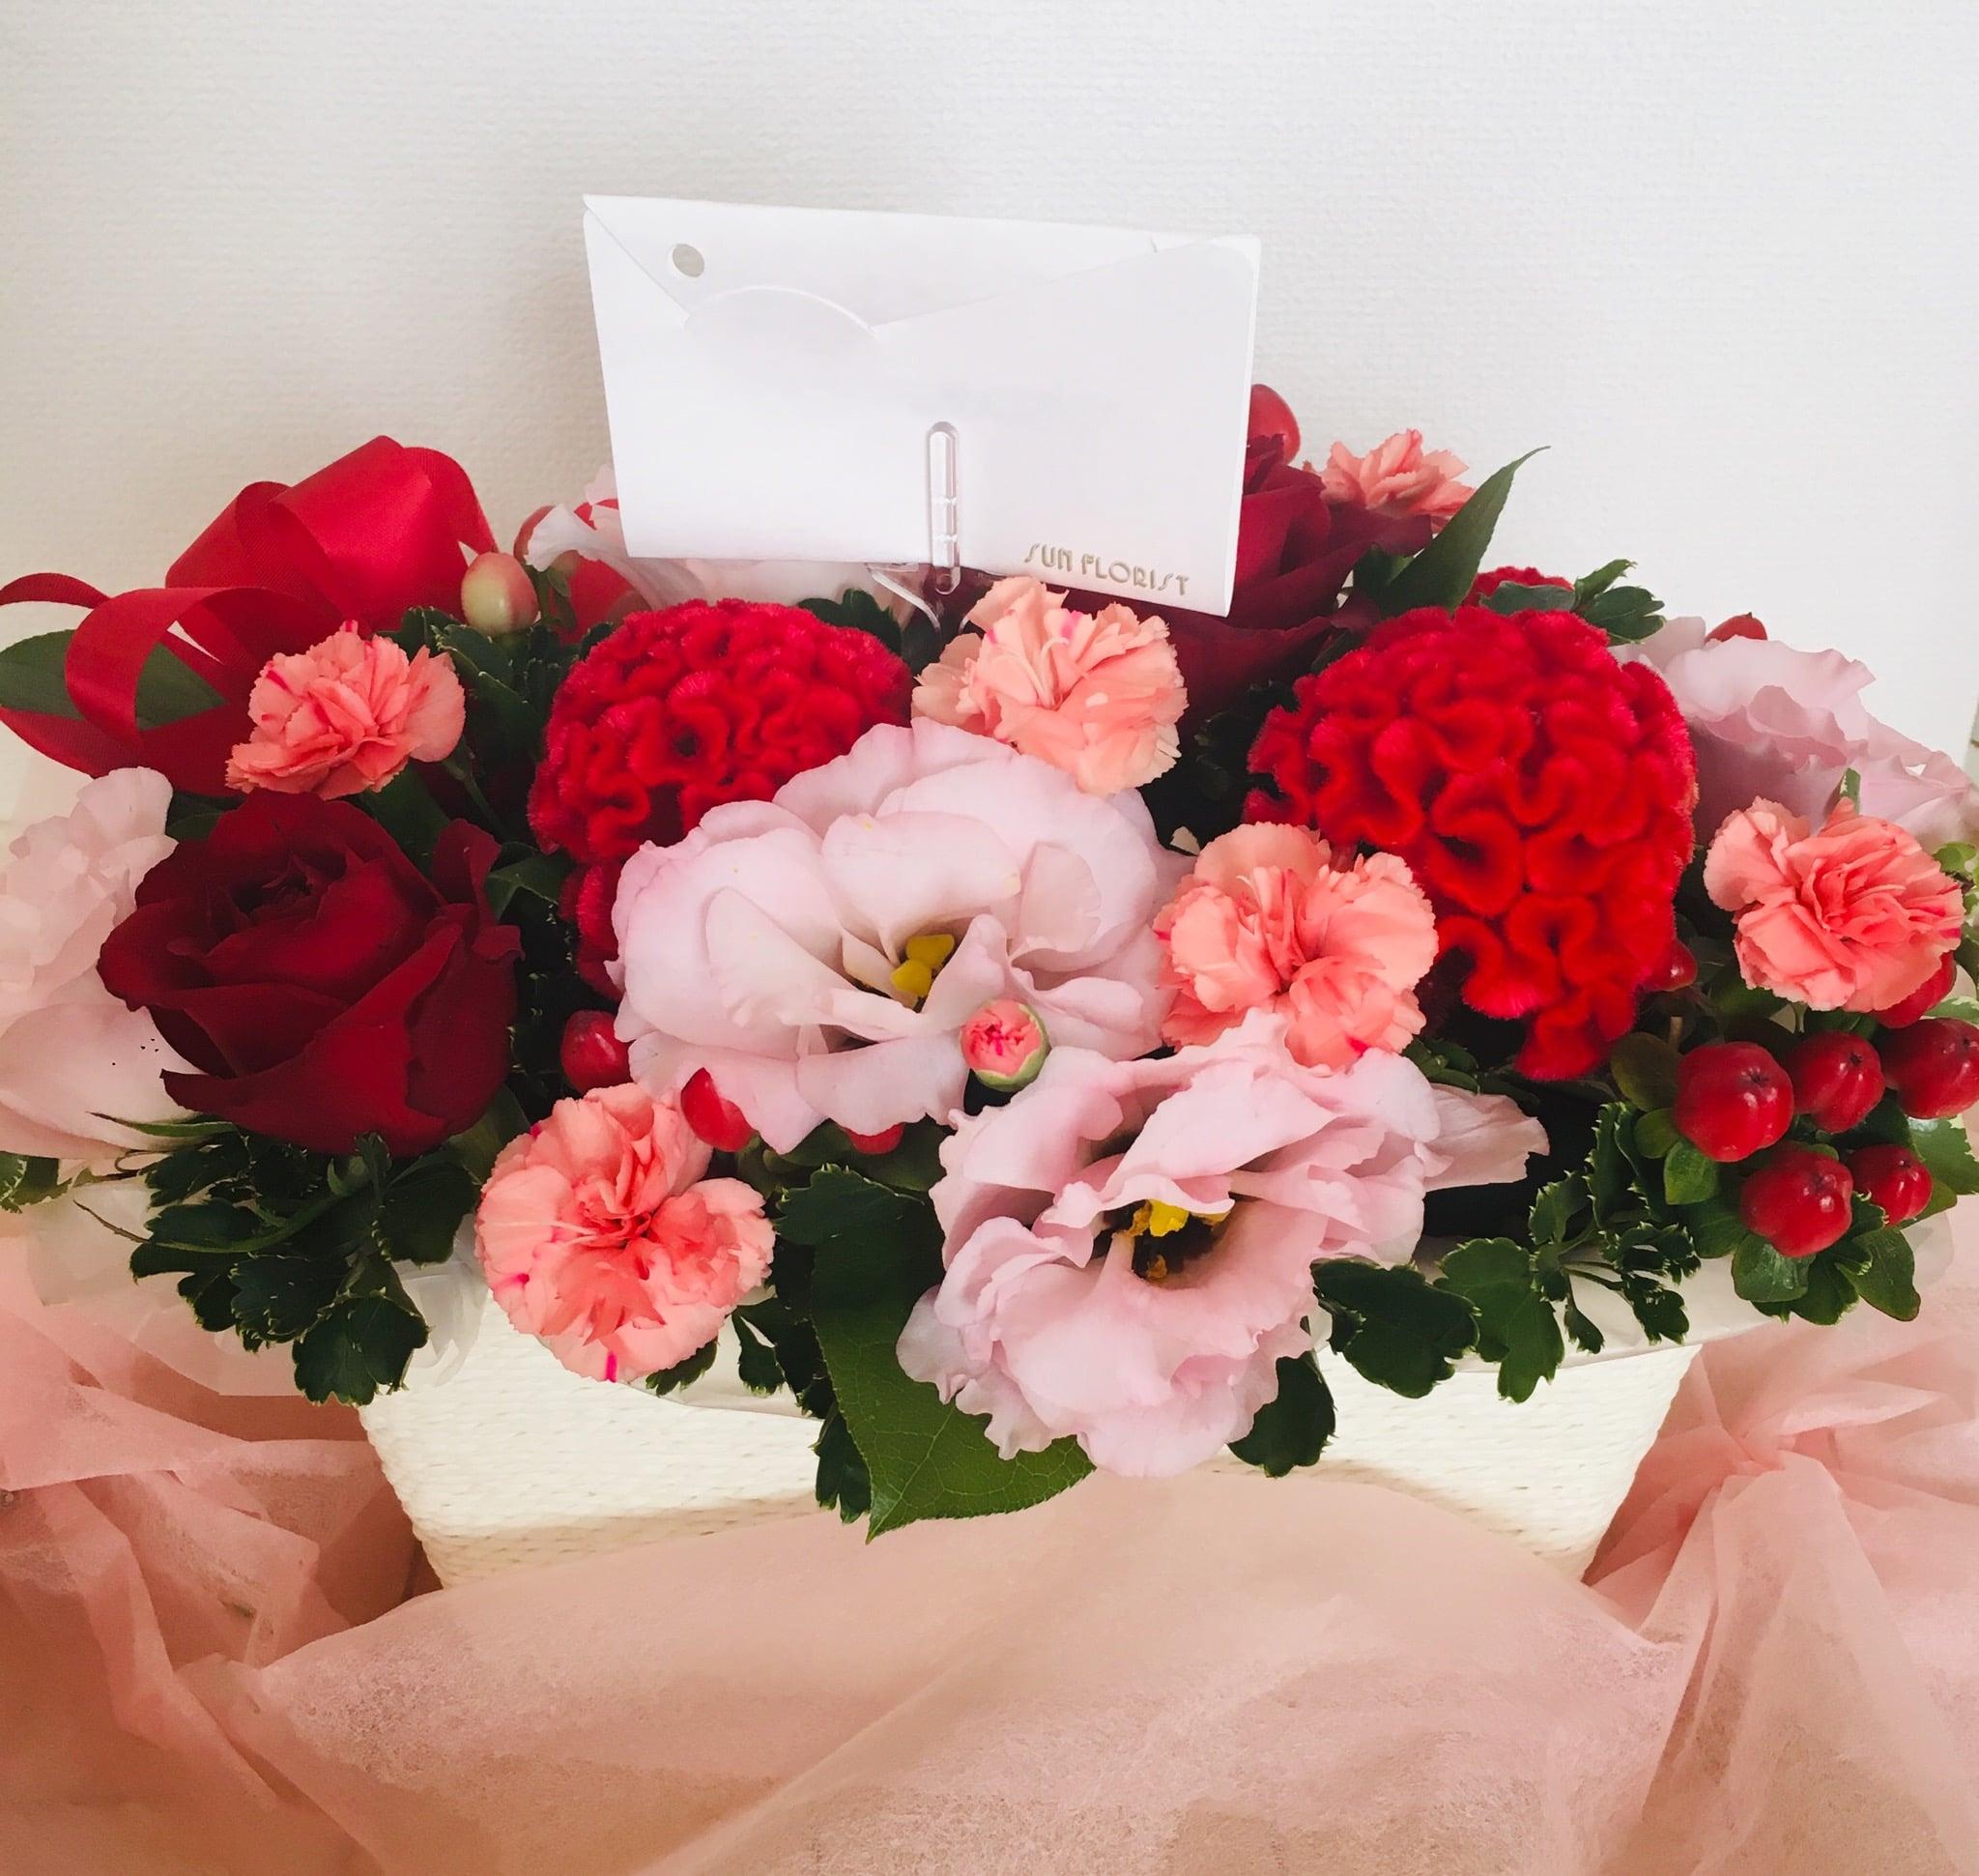 サンフローリストは白金高輪の花屋!母の日やお誕生日花束を♡